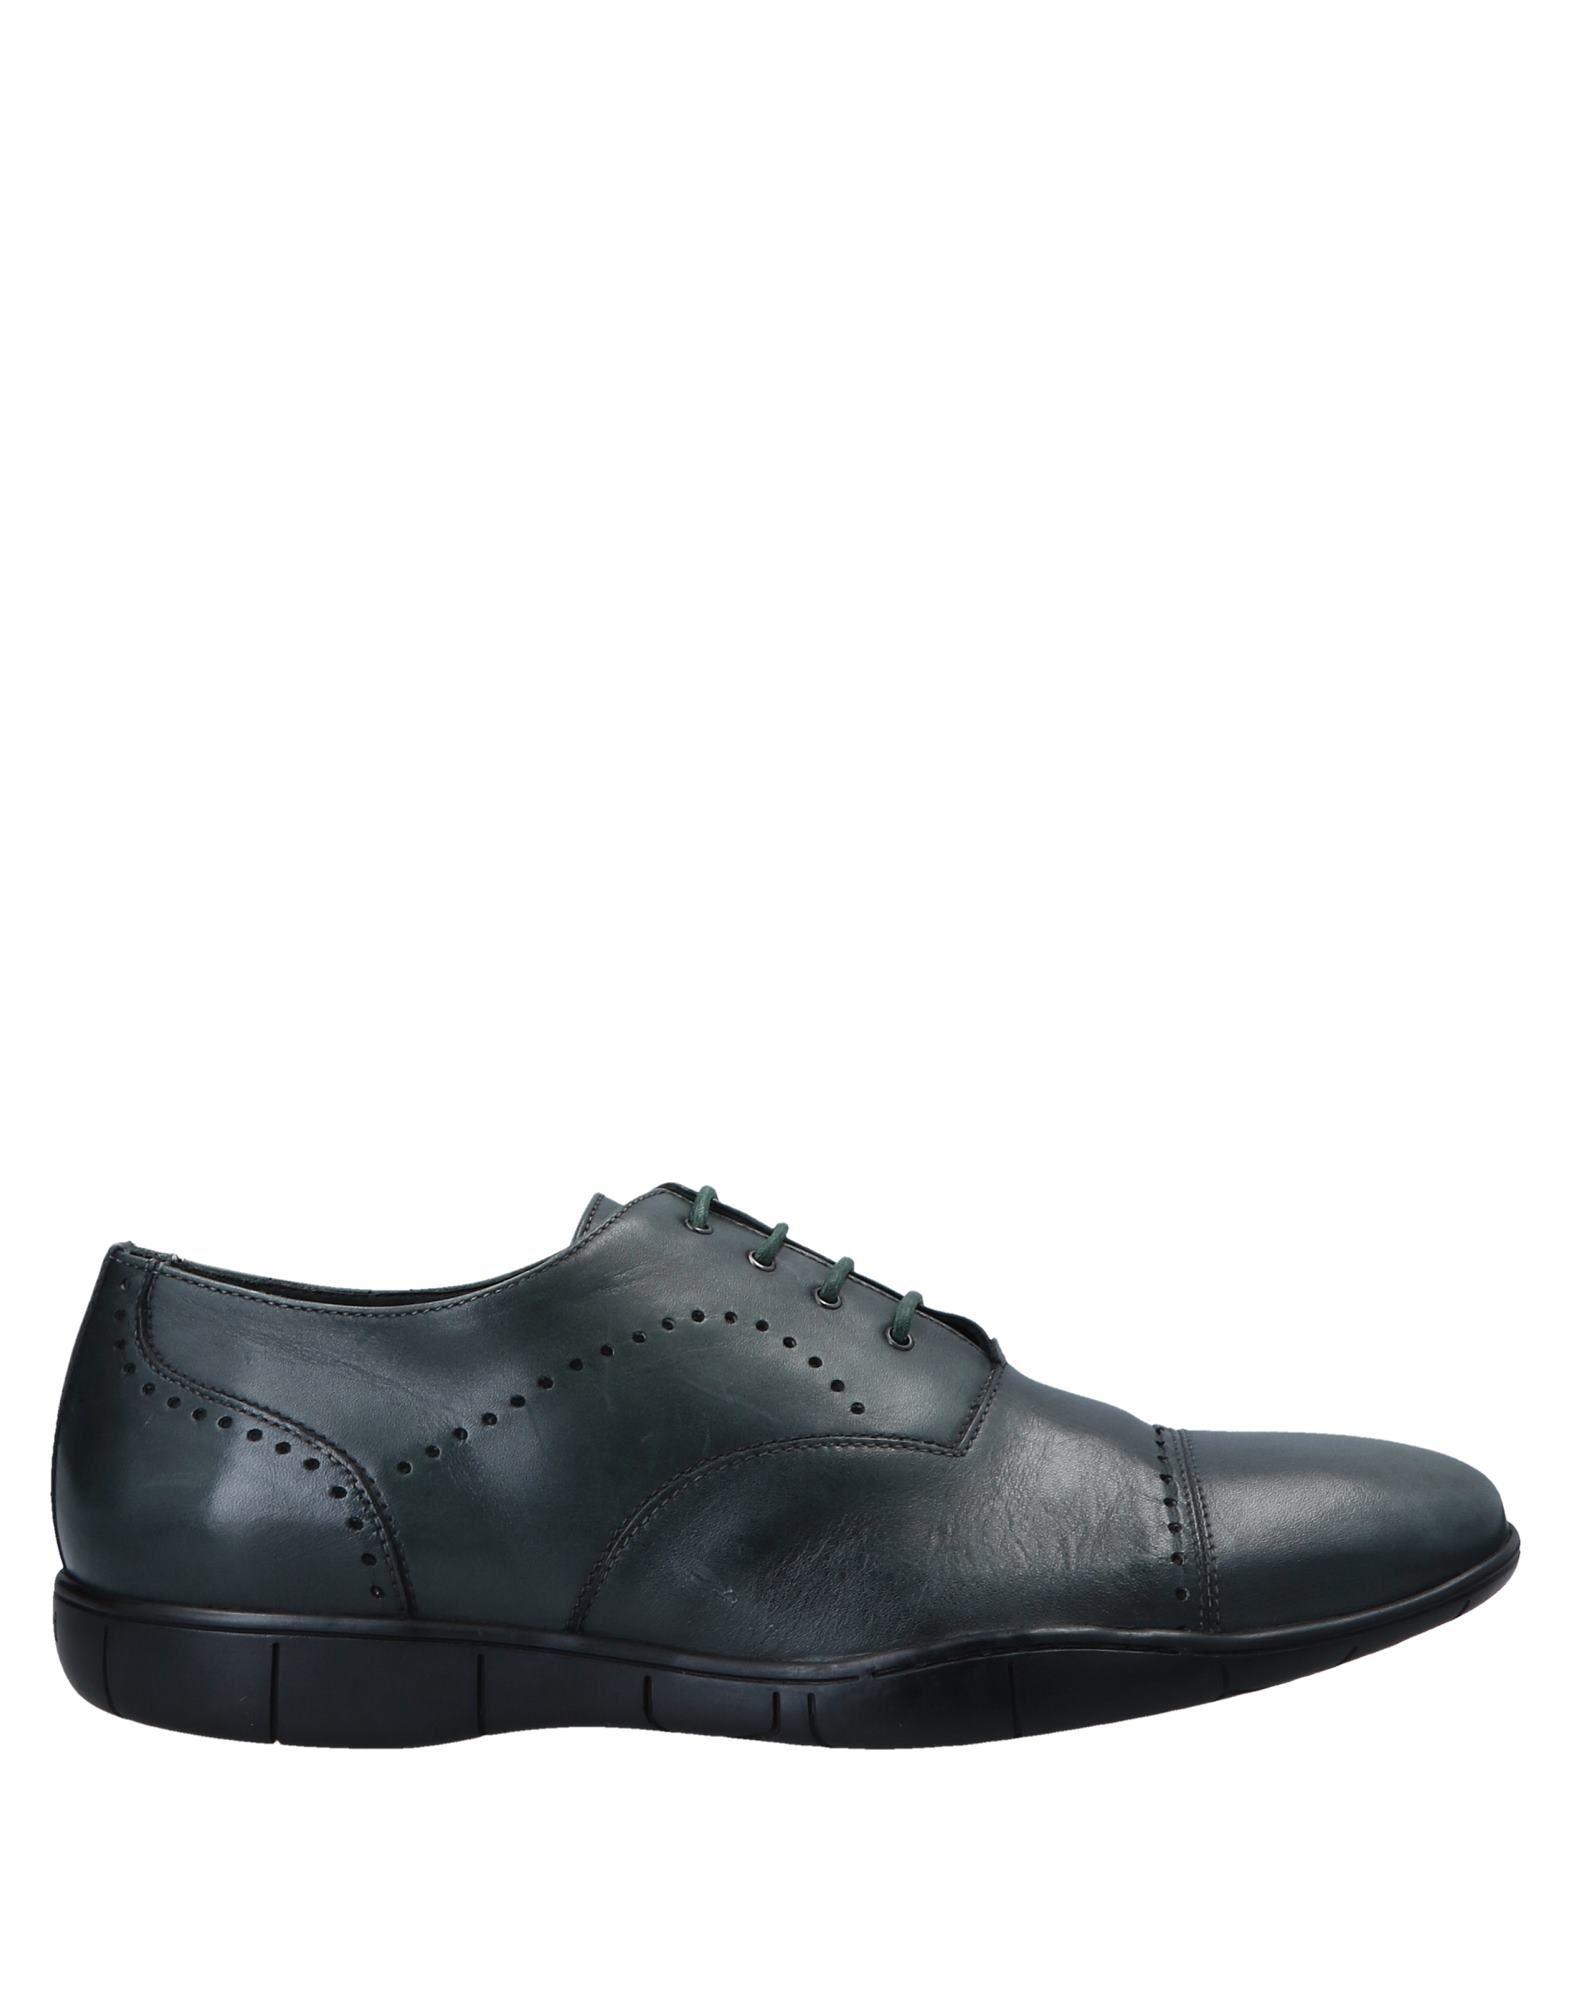 A.Testoni Schnürschuhe Herren  11549956OH Gute Qualität beliebte Schuhe